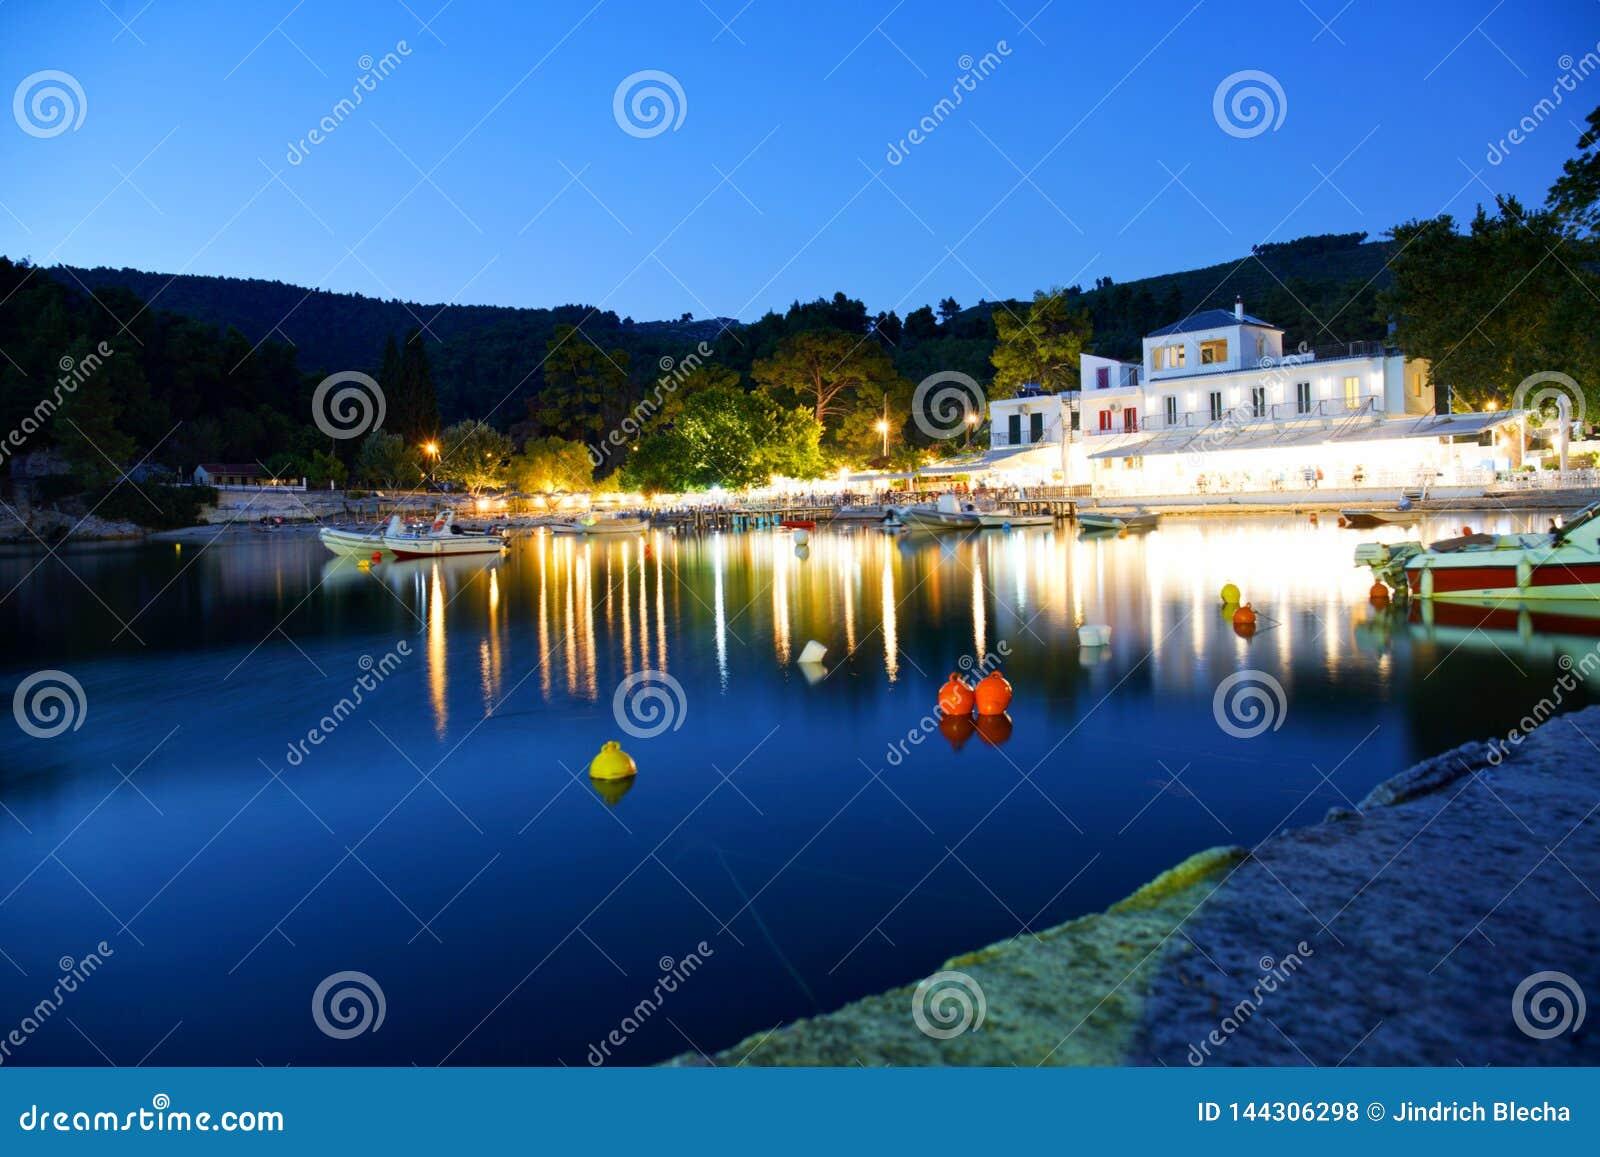 Playa y bahía en la puesta del sol, Skopelos, Grecia de Agnontas